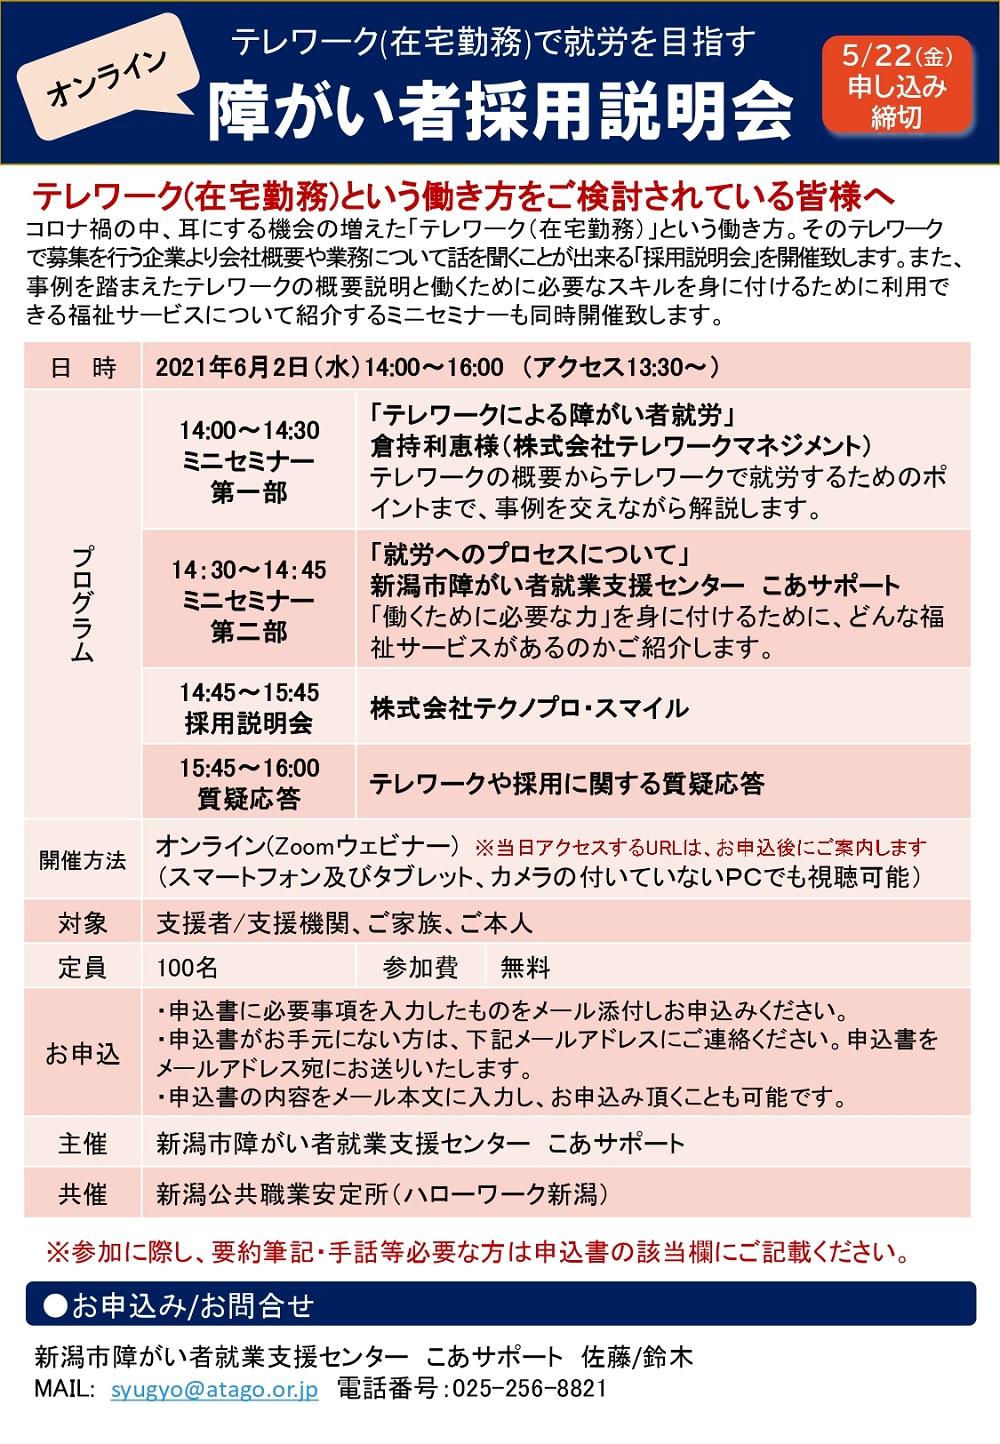 新潟県在住者対象のオンラインによるテレワークセミナー/採用説明会(6/2)